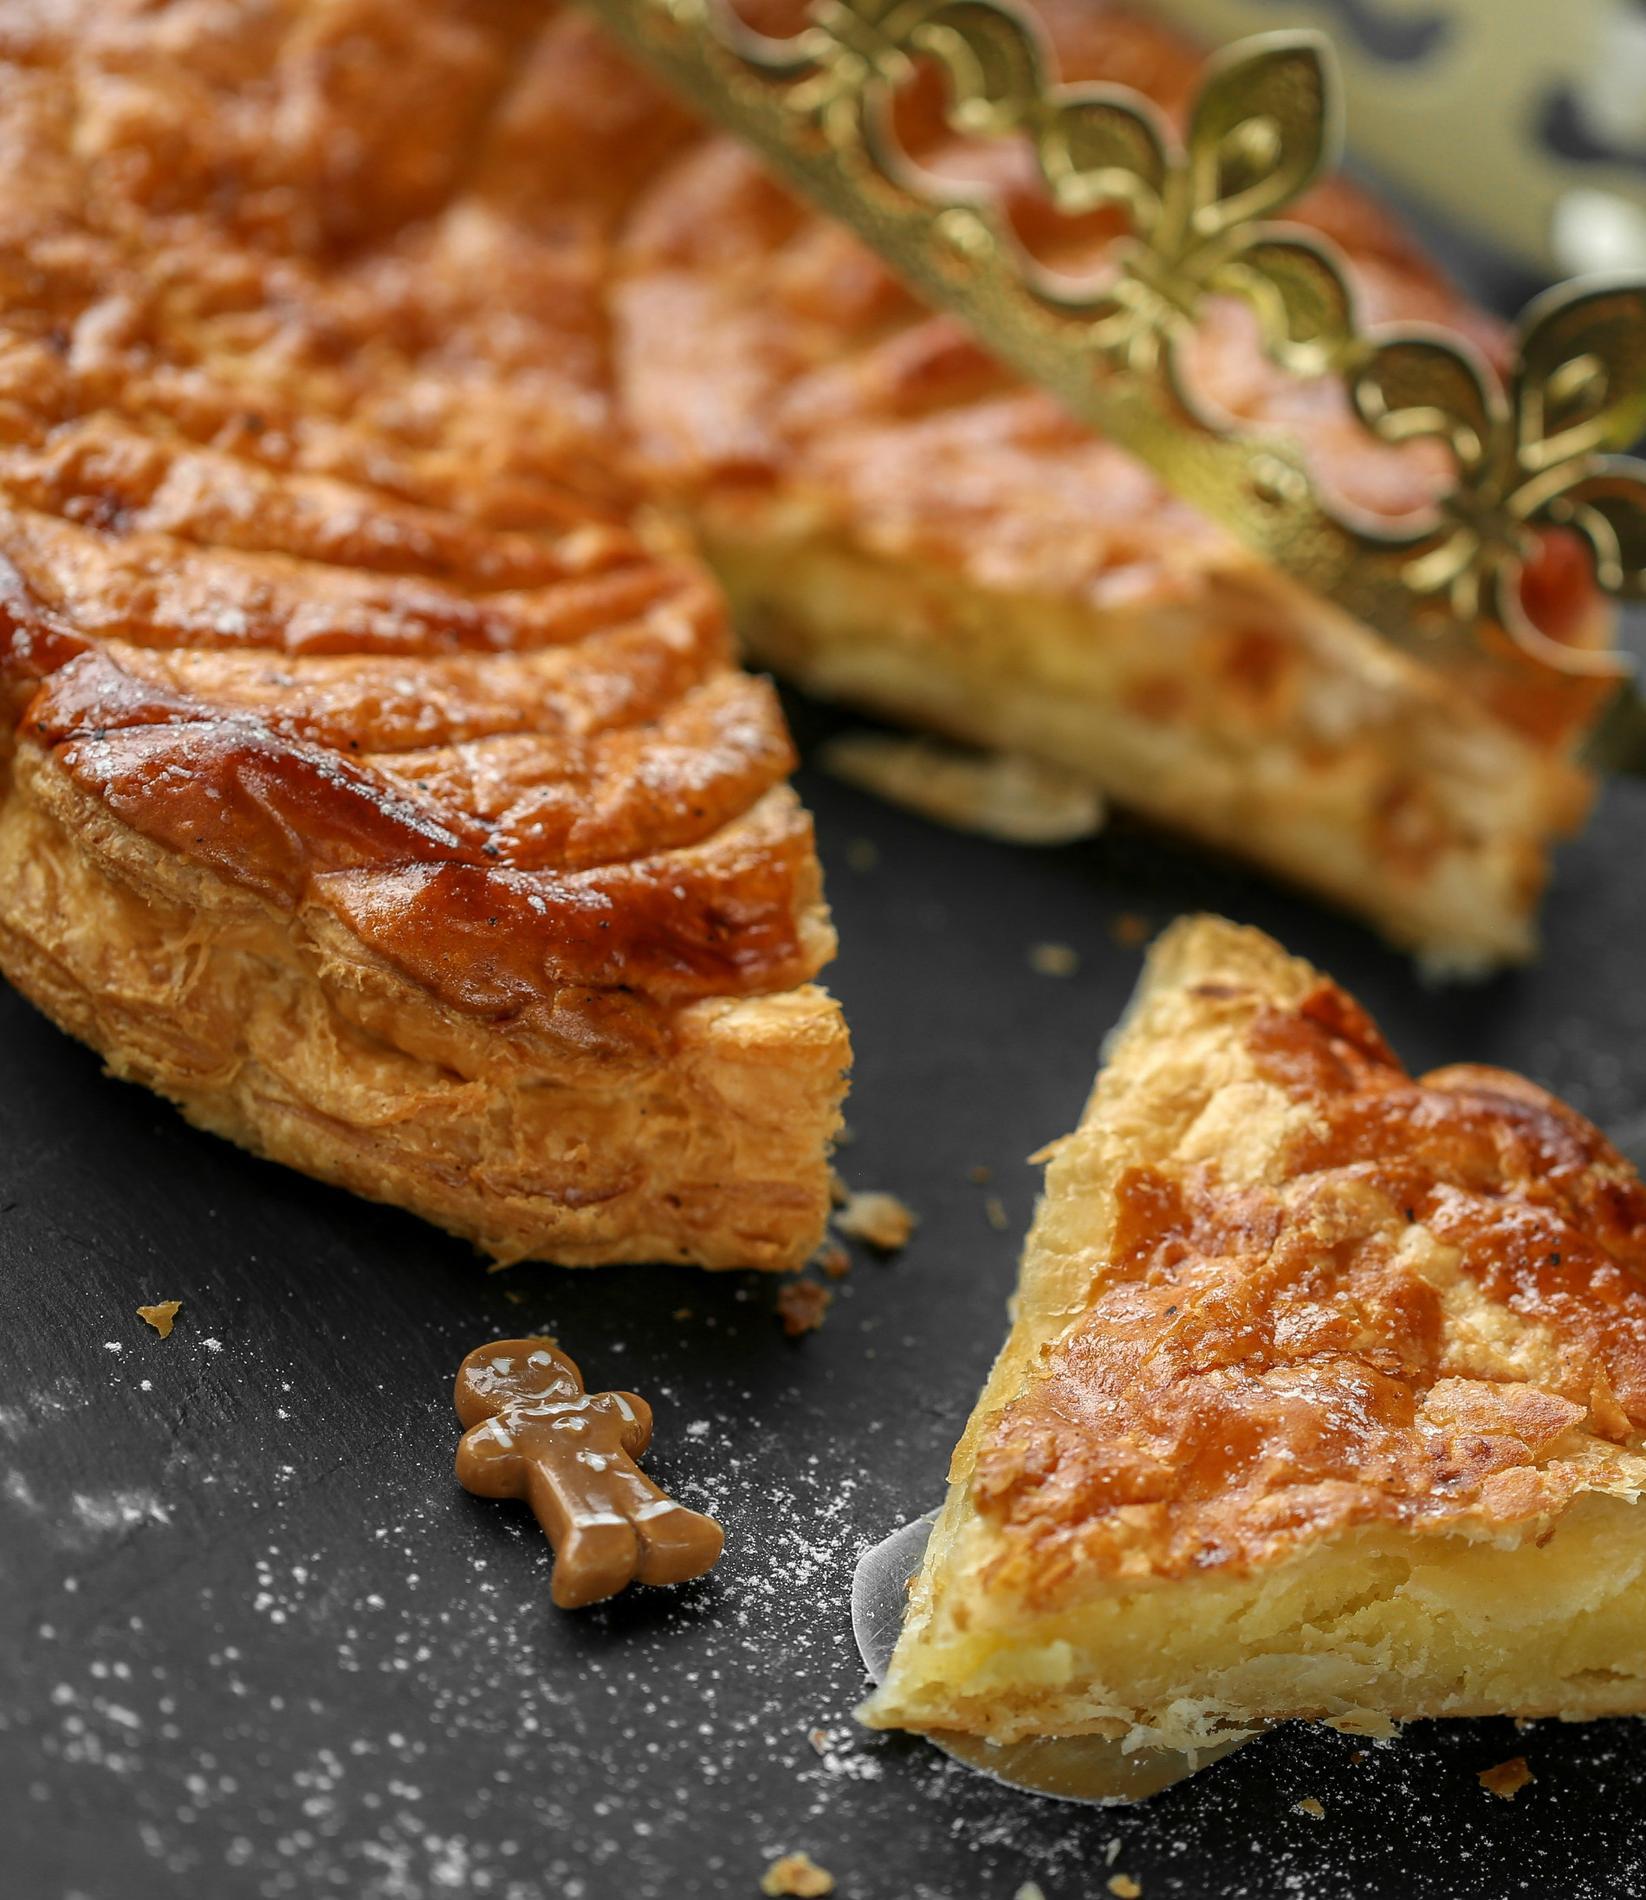 Recette galette des rois la frangipane cuisine madame for Galette des rois a la frangipane